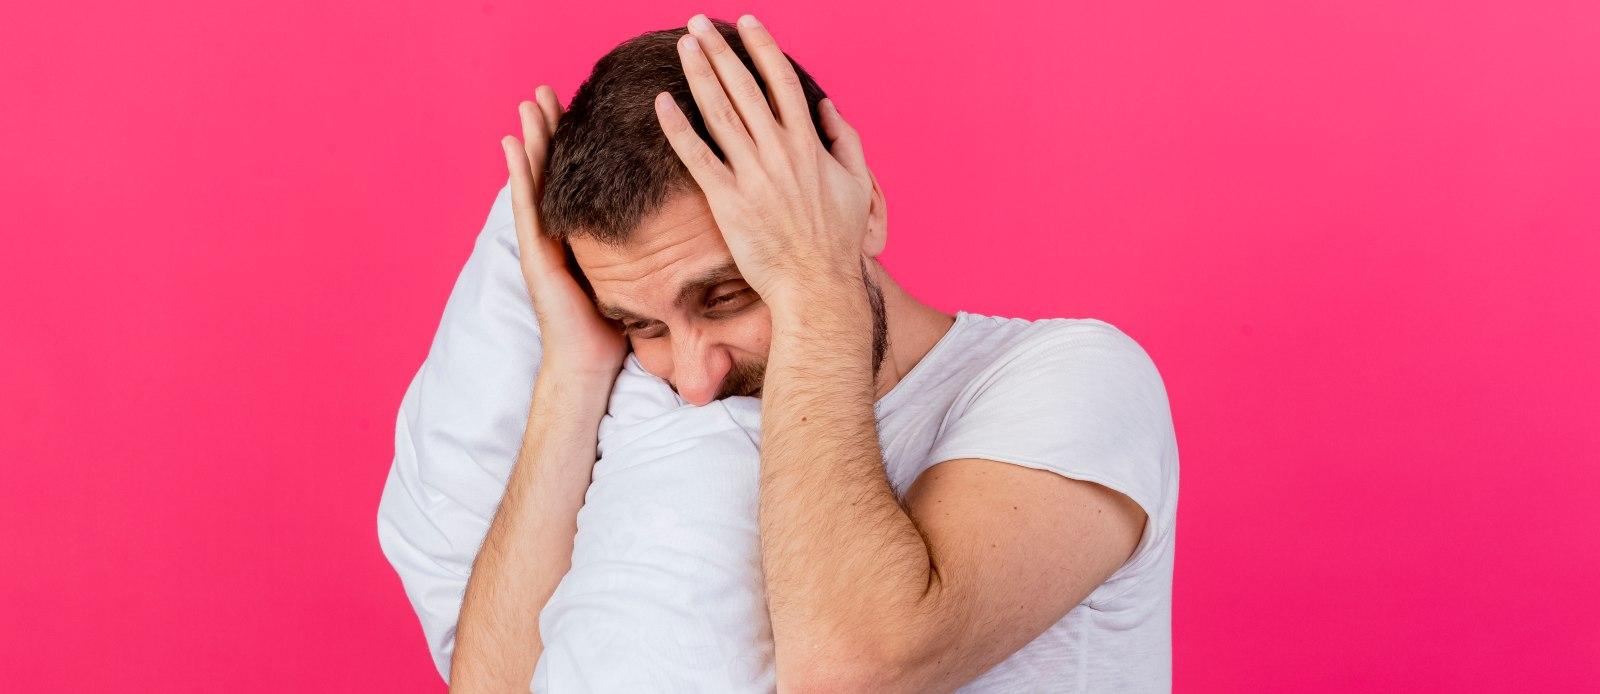 ¿Cuándo se pueden aplicar multas por ruidos molestos?